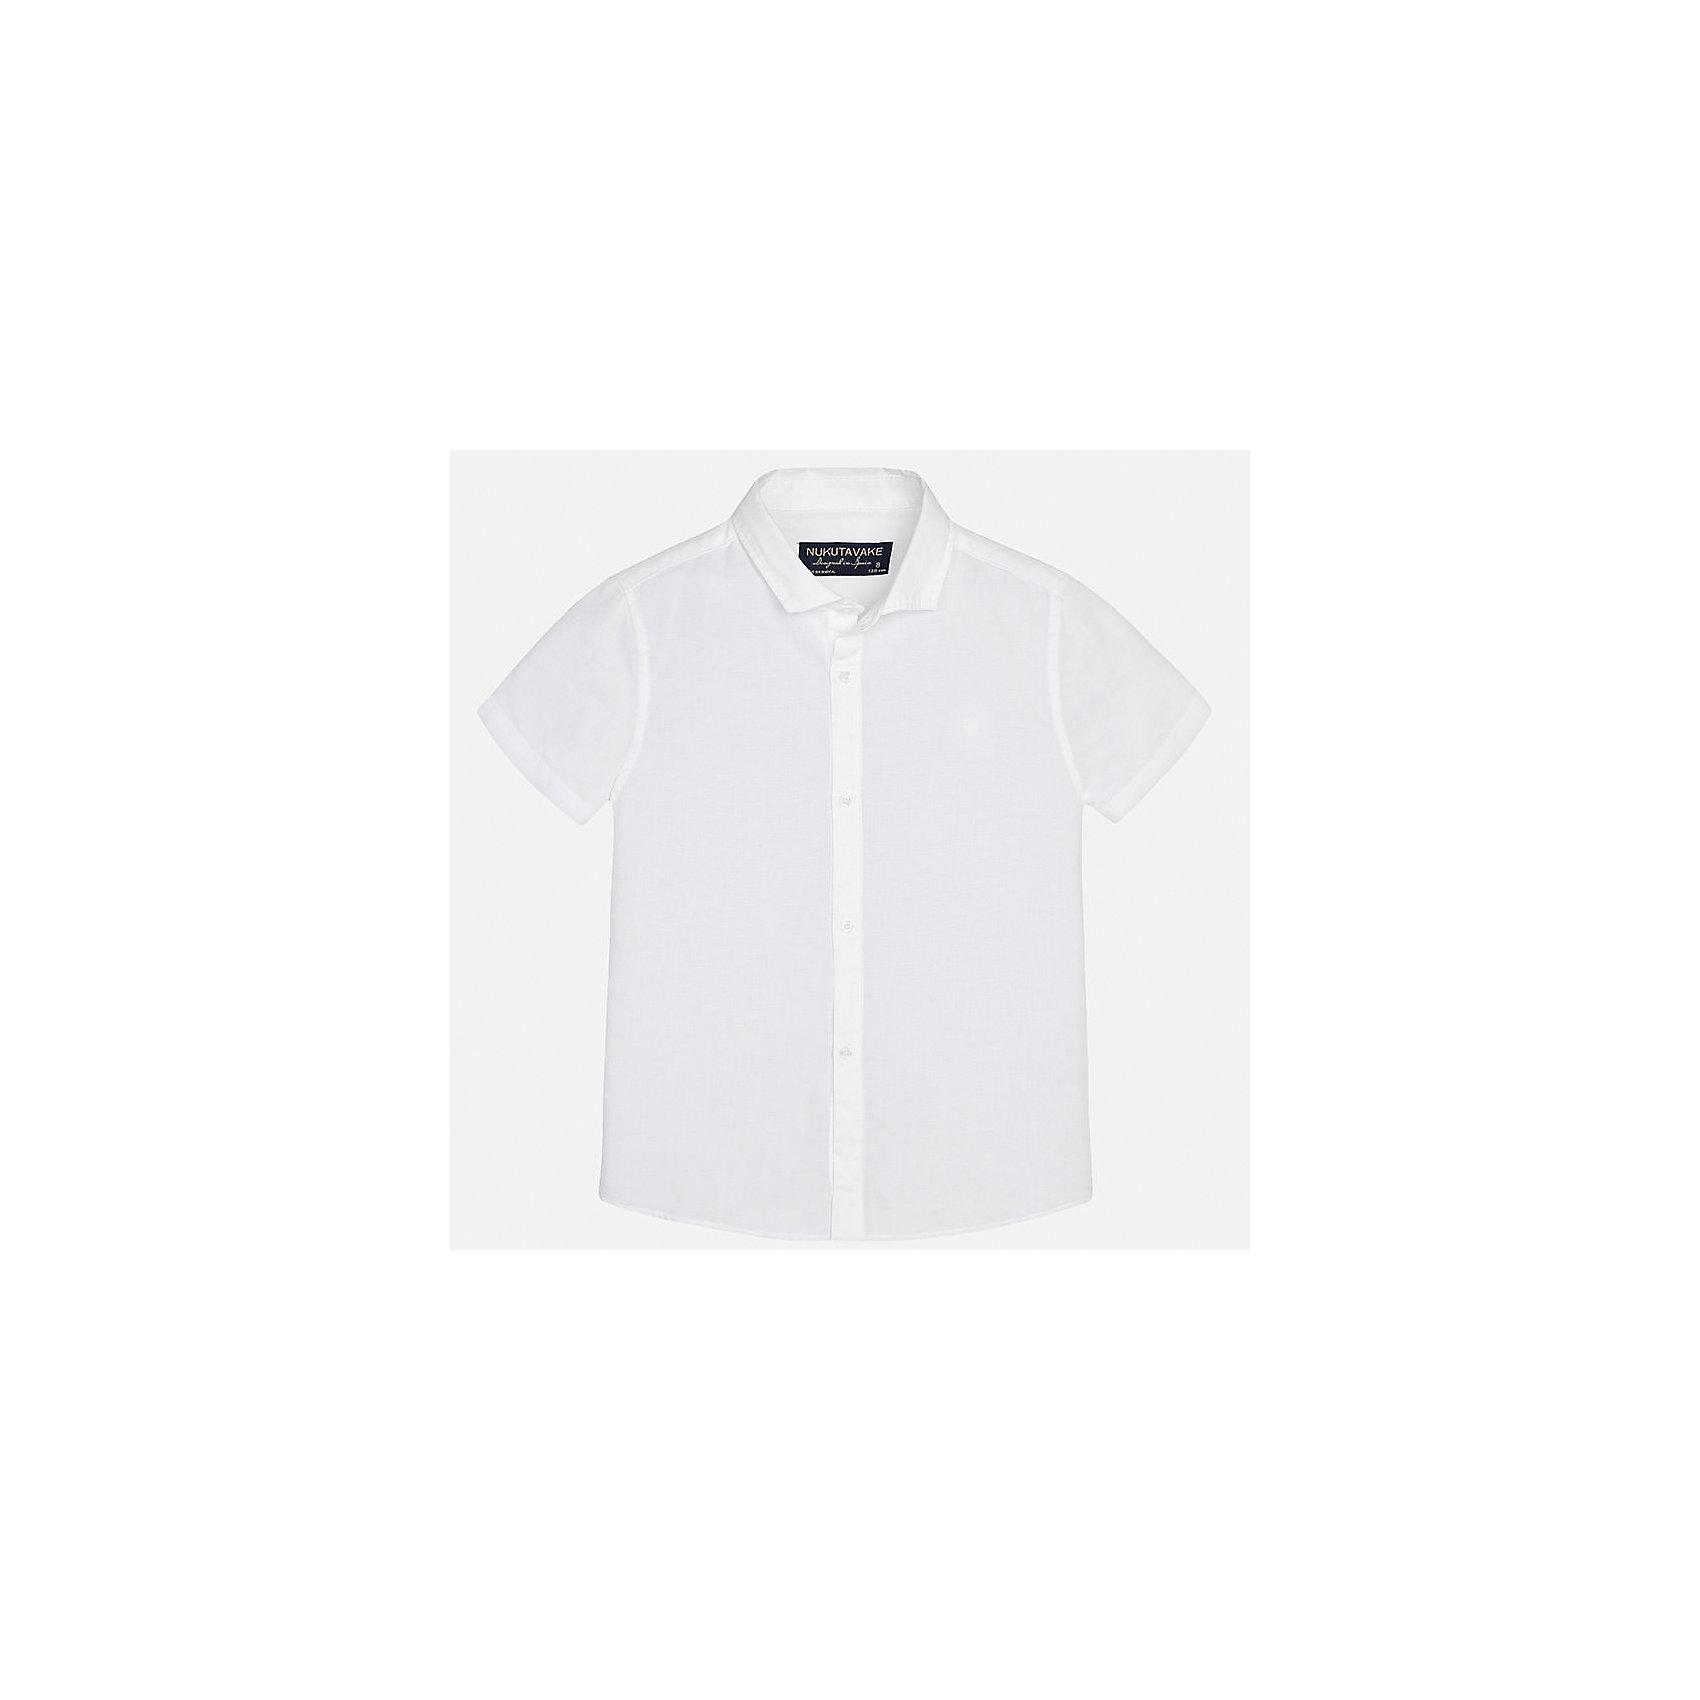 Рубашка для мальчика MayoralХарактеристики товара:<br><br>• цвет: белый<br>• состав: 70% хлопок, 30% лен<br>• отложной воротник<br>• короткие рукава<br>• застежка: пуговицы<br>• прямой силуэт<br>• страна бренда: Испания<br><br>Удобная рубашка классического кроя для мальчика может стать базовой вещью в гардеробе ребенка. Она отлично сочетается с брюками, шортами, джинсами и т.д. Универсальный крой и цвет позволяет подобрать к вещи низ разных расцветок. Практичное и стильное изделие! В составе материала - натуральный хлопок, гипоаллергенный, приятный на ощупь, дышащий.<br><br>Одежда, обувь и аксессуары от испанского бренда Mayoral полюбились детям и взрослым по всему миру. Модели этой марки - стильные и удобные. Для их производства используются только безопасные, качественные материалы и фурнитура. Порадуйте ребенка модными и красивыми вещами от Mayoral! <br><br>Рубашку для мальчика от испанского бренда Mayoral (Майорал) можно купить в нашем интернет-магазине.<br><br>Ширина мм: 174<br>Глубина мм: 10<br>Высота мм: 169<br>Вес г: 157<br>Цвет: белый<br>Возраст от месяцев: 120<br>Возраст до месяцев: 132<br>Пол: Мужской<br>Возраст: Детский<br>Размер: 152,164,158,140,128/134,170<br>SKU: 5278307